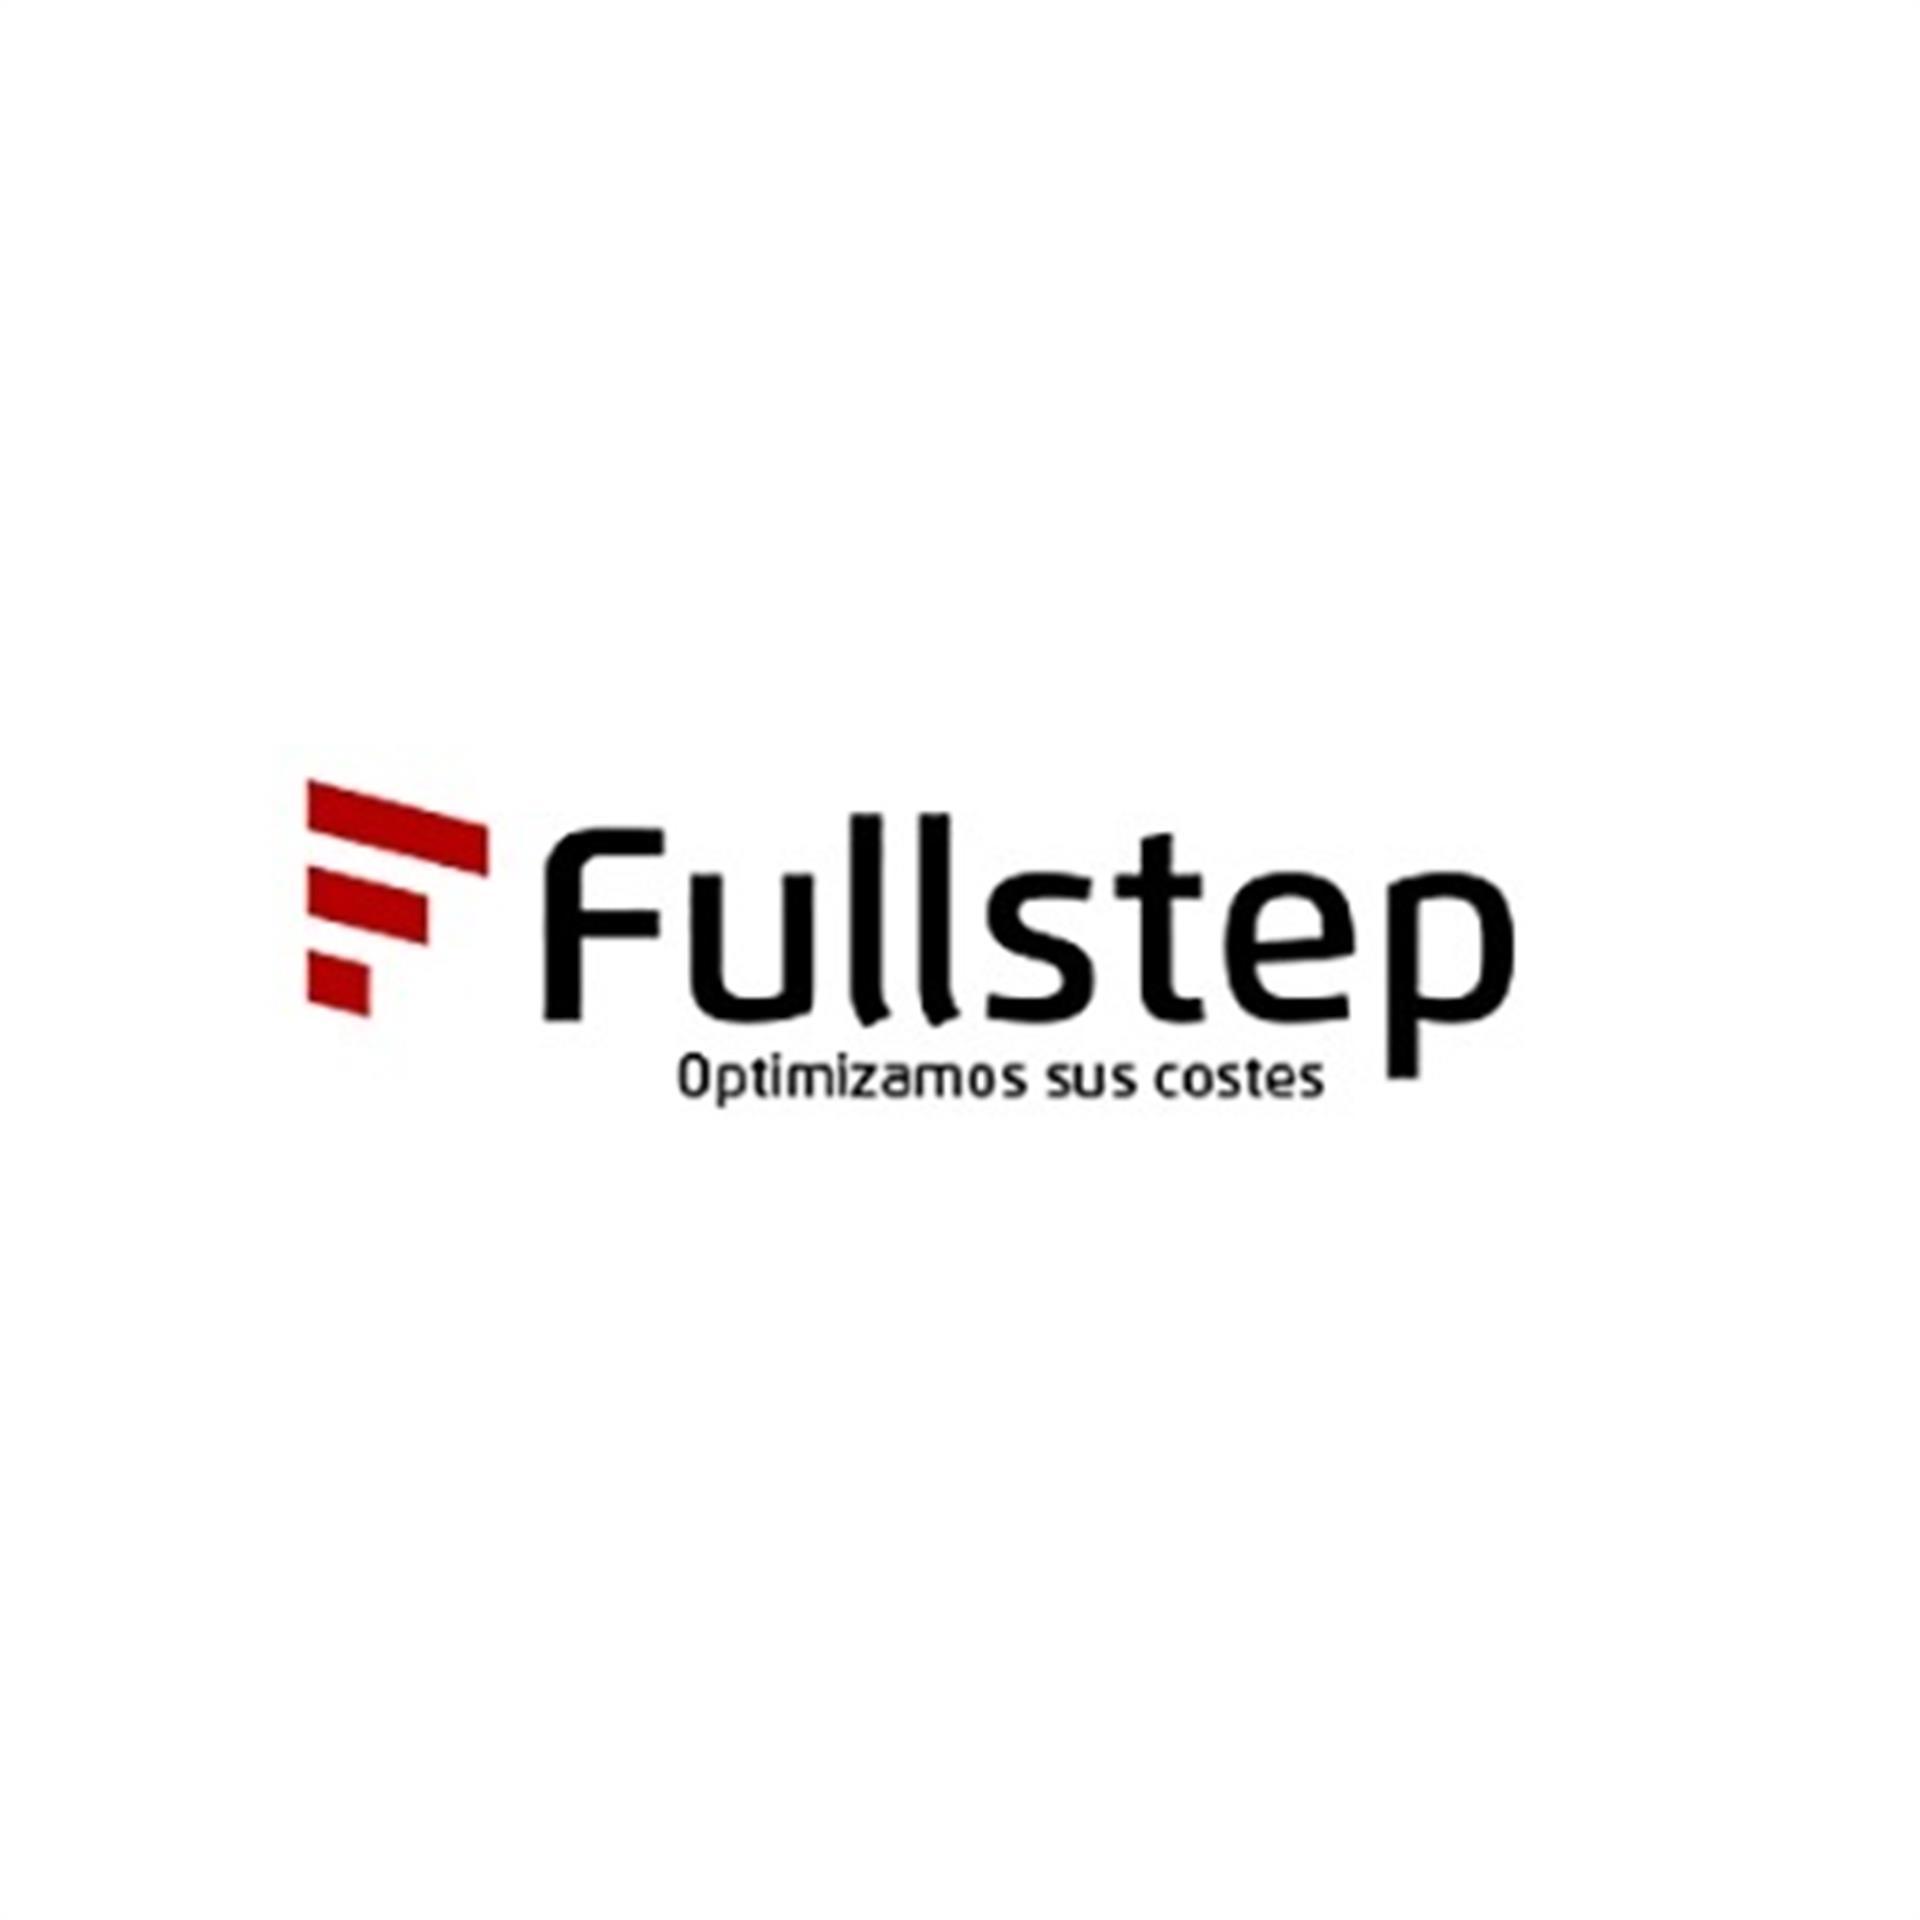 La gestión de la cadena de suministro, clave para reducir el riesgo asociado a explotación infantil, según Fullstep.